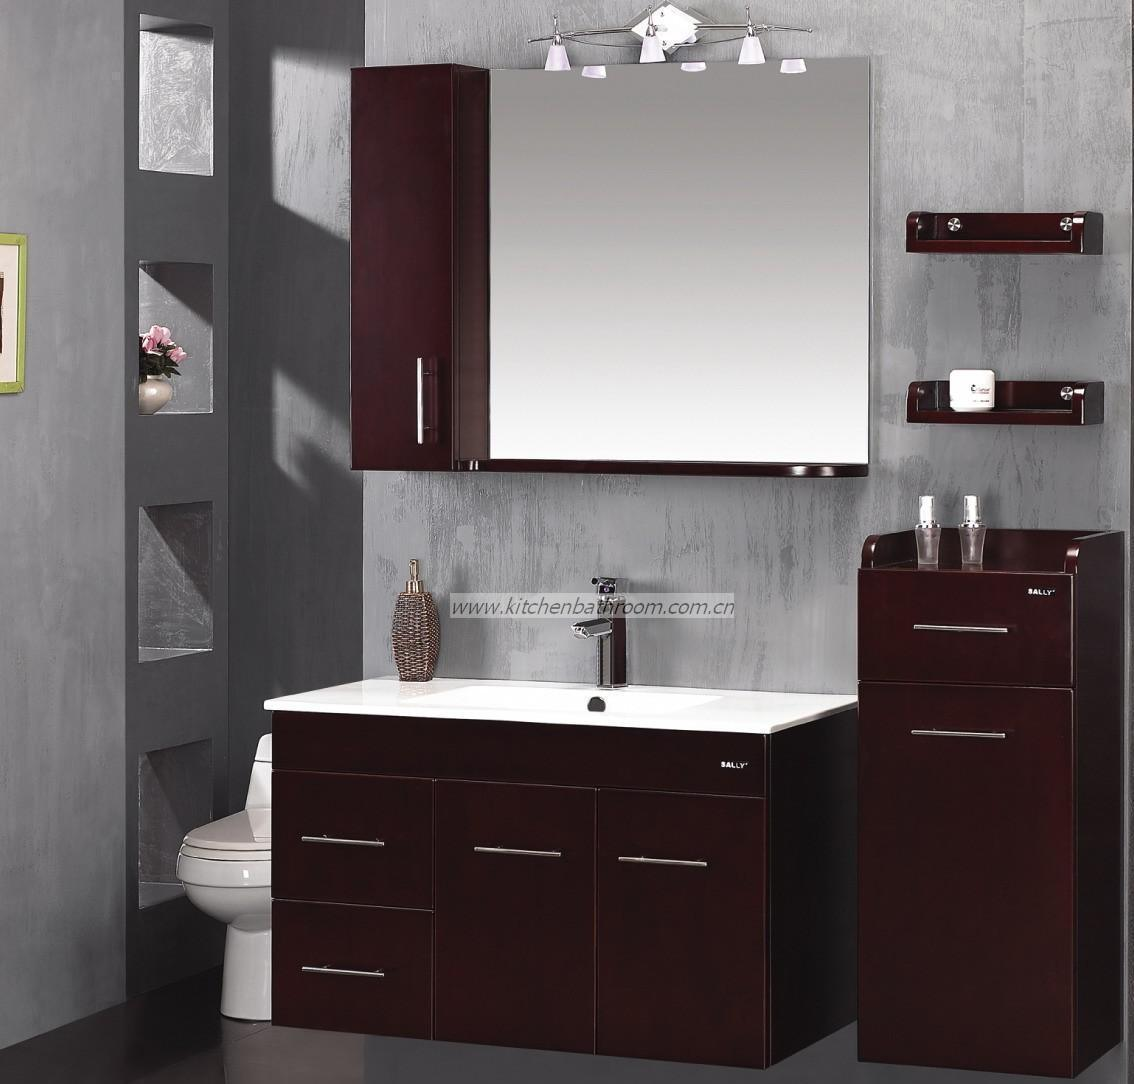 China Bathroom Cabinets Yxbc 2022 China Bathroom